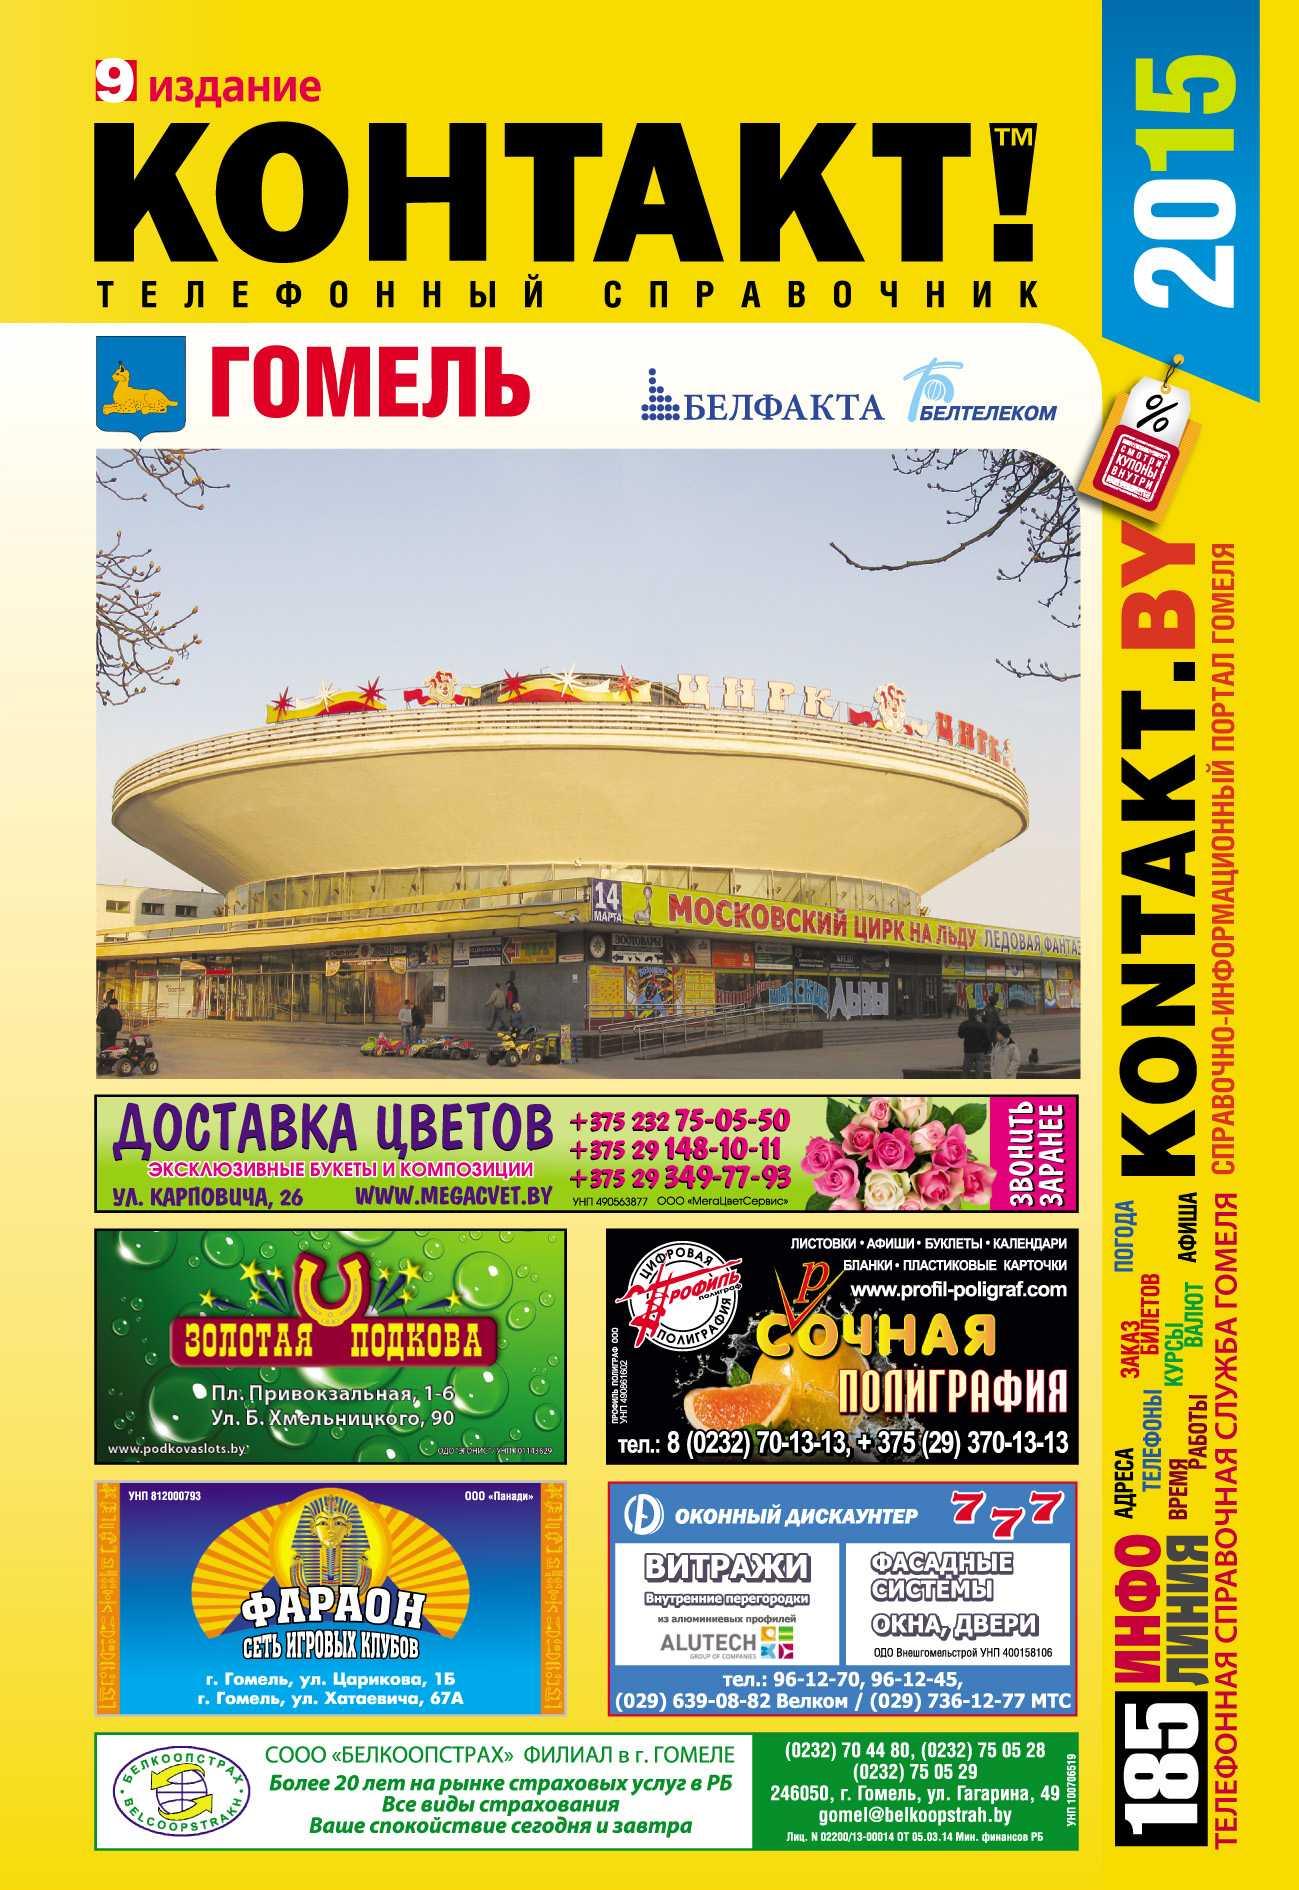 КОНТАКТ! Гомель — телефонный справочник г. Гомель